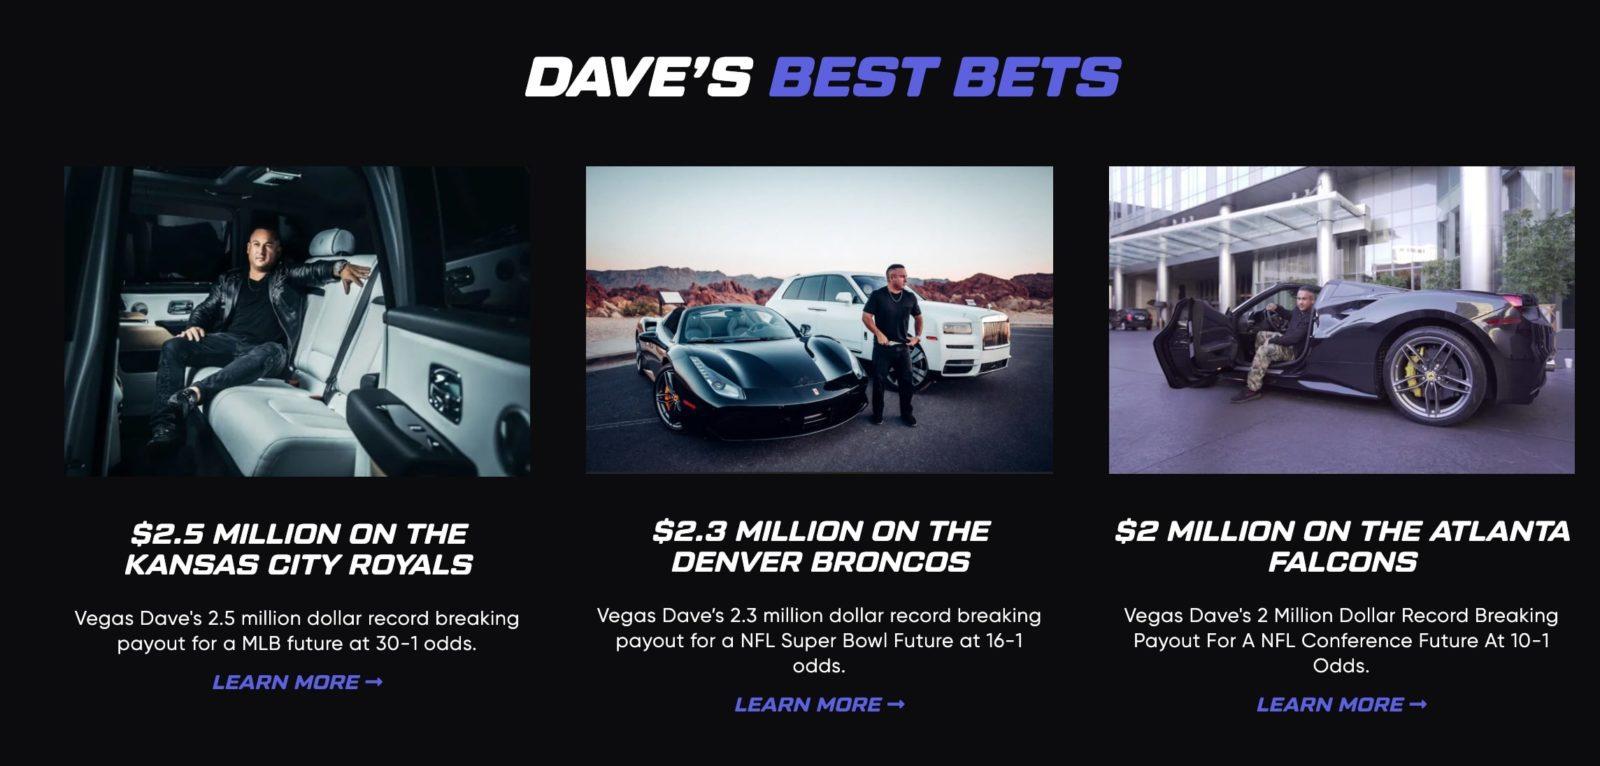 Достижения Dave Vegas (Дэйв Вегас)